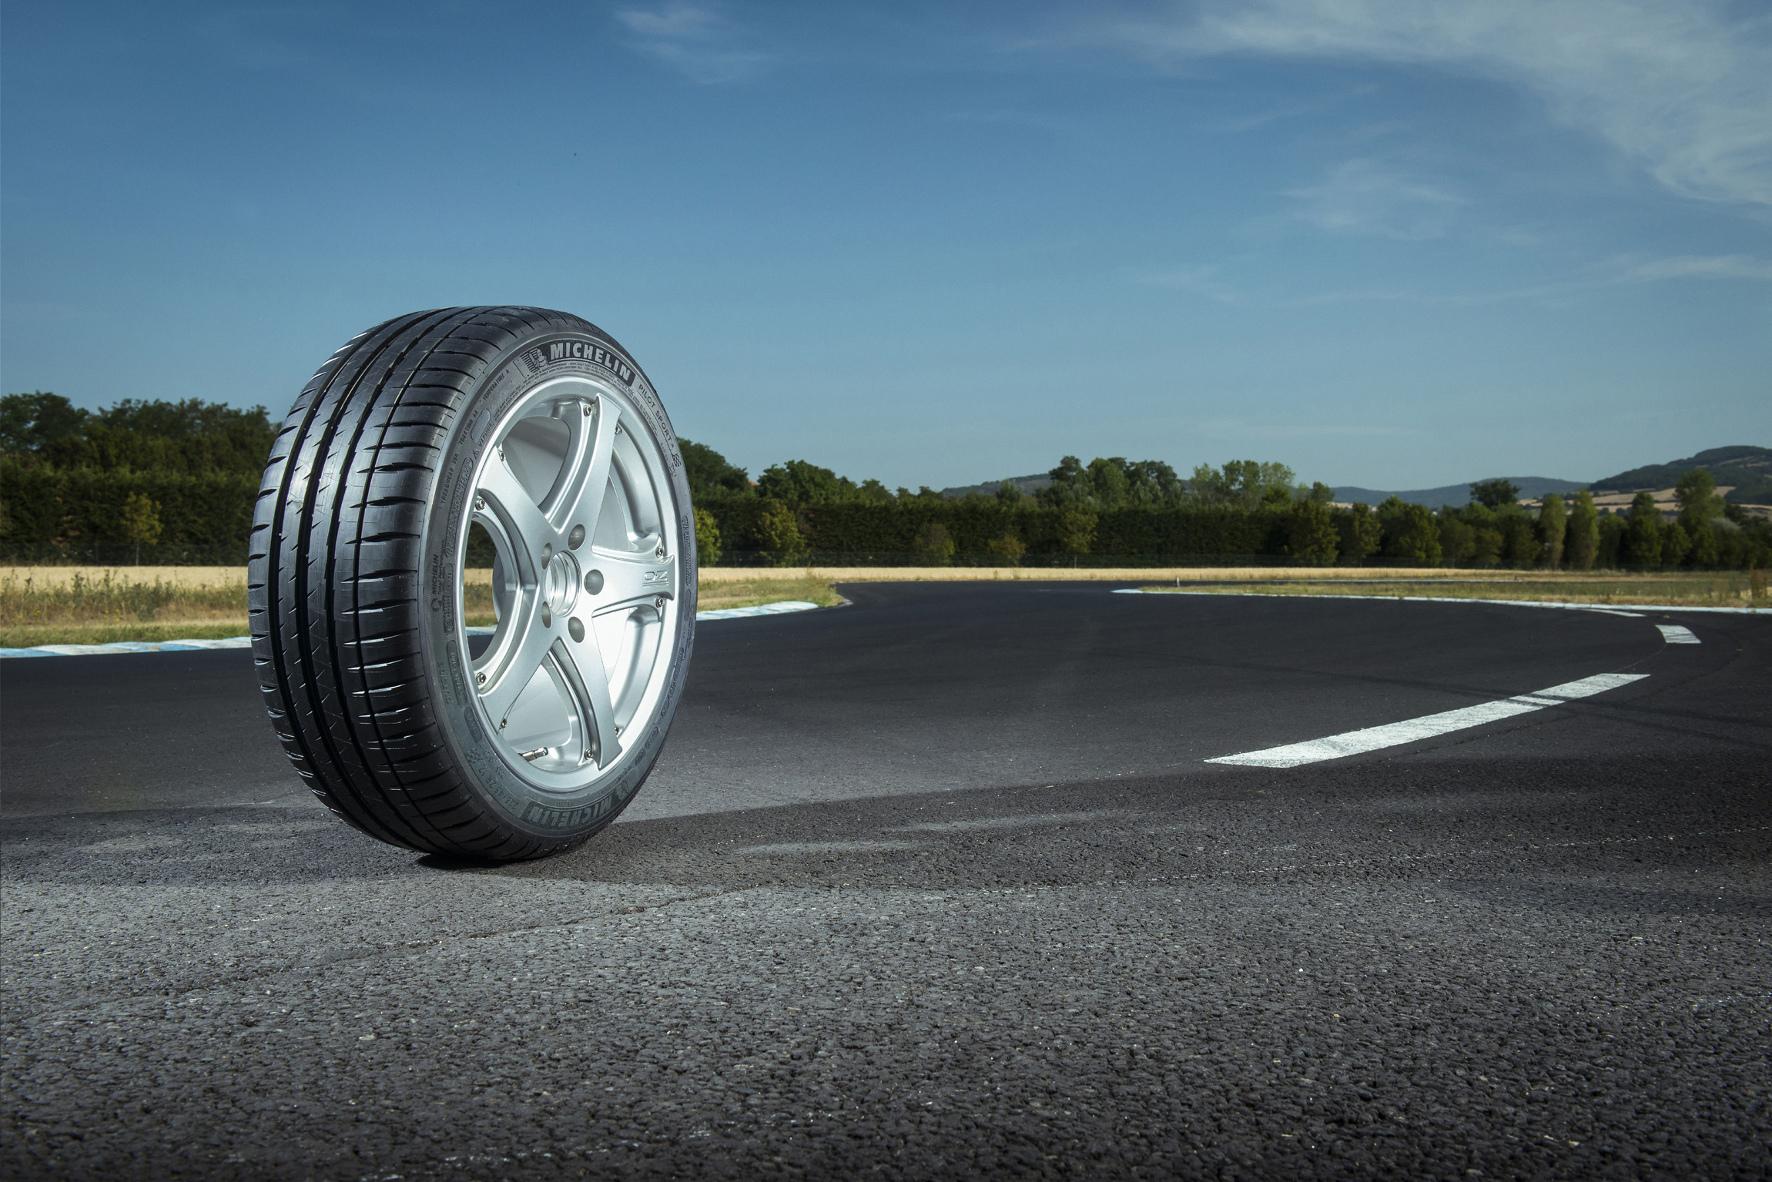 mid Köln - Reifenhersteller nutzen Erkenntnisse aus dem Motorsport, um seine sportlich orientierten Straßenreifen zu verbessern. So auch Michelin beim neuen Pilot Sport 4.